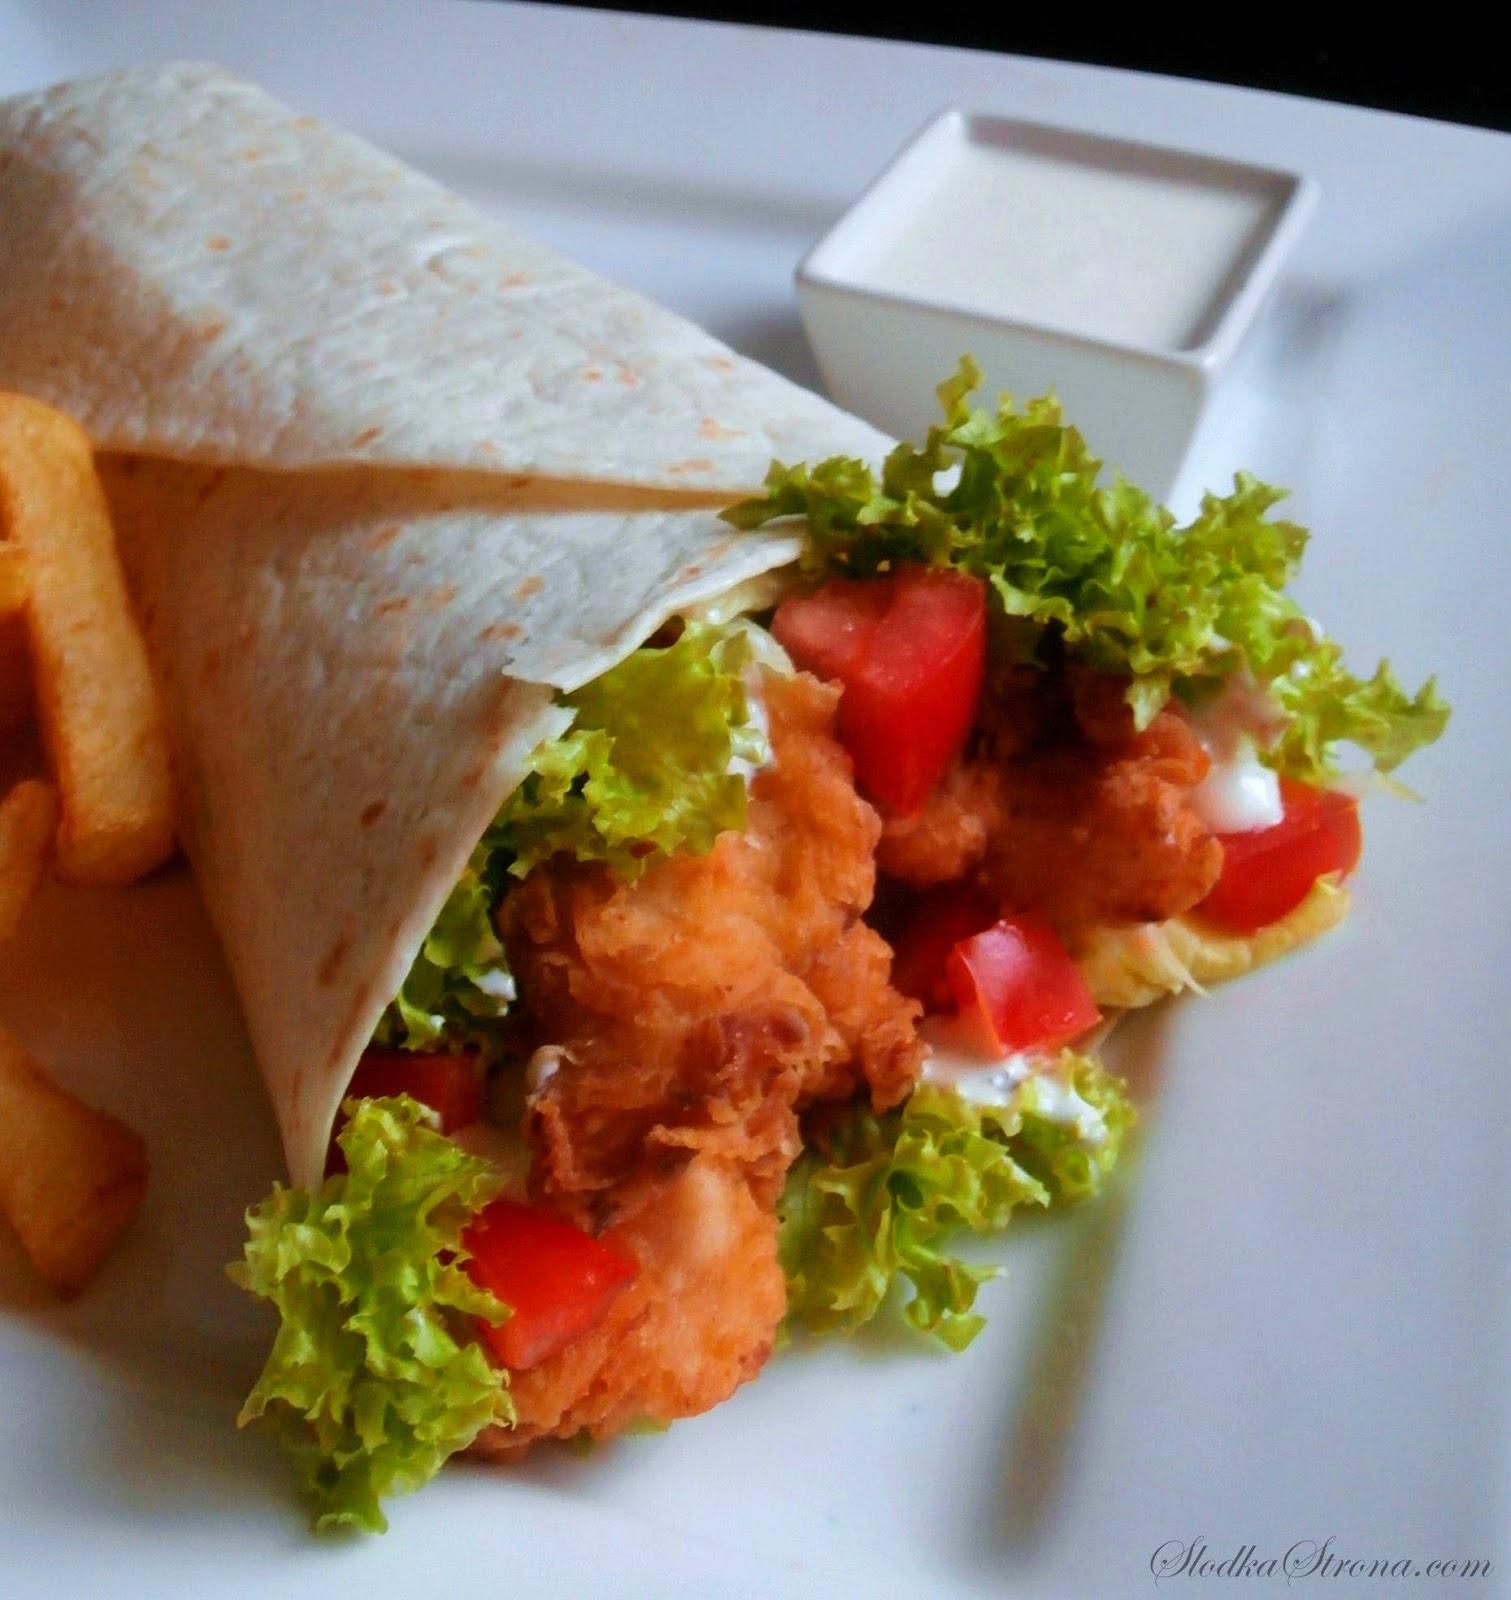 Domowy Twister jak z KFC - Przepis - Słodka Strona